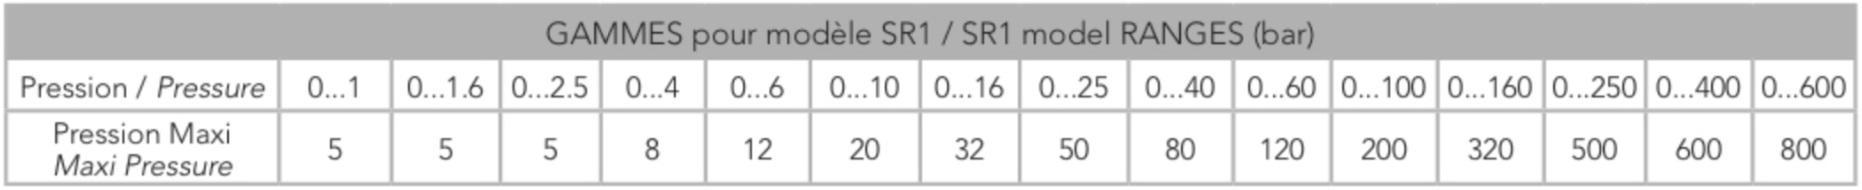 Thông số quá áp của cảm biến áp suất SR1 – Georgin / Pháp